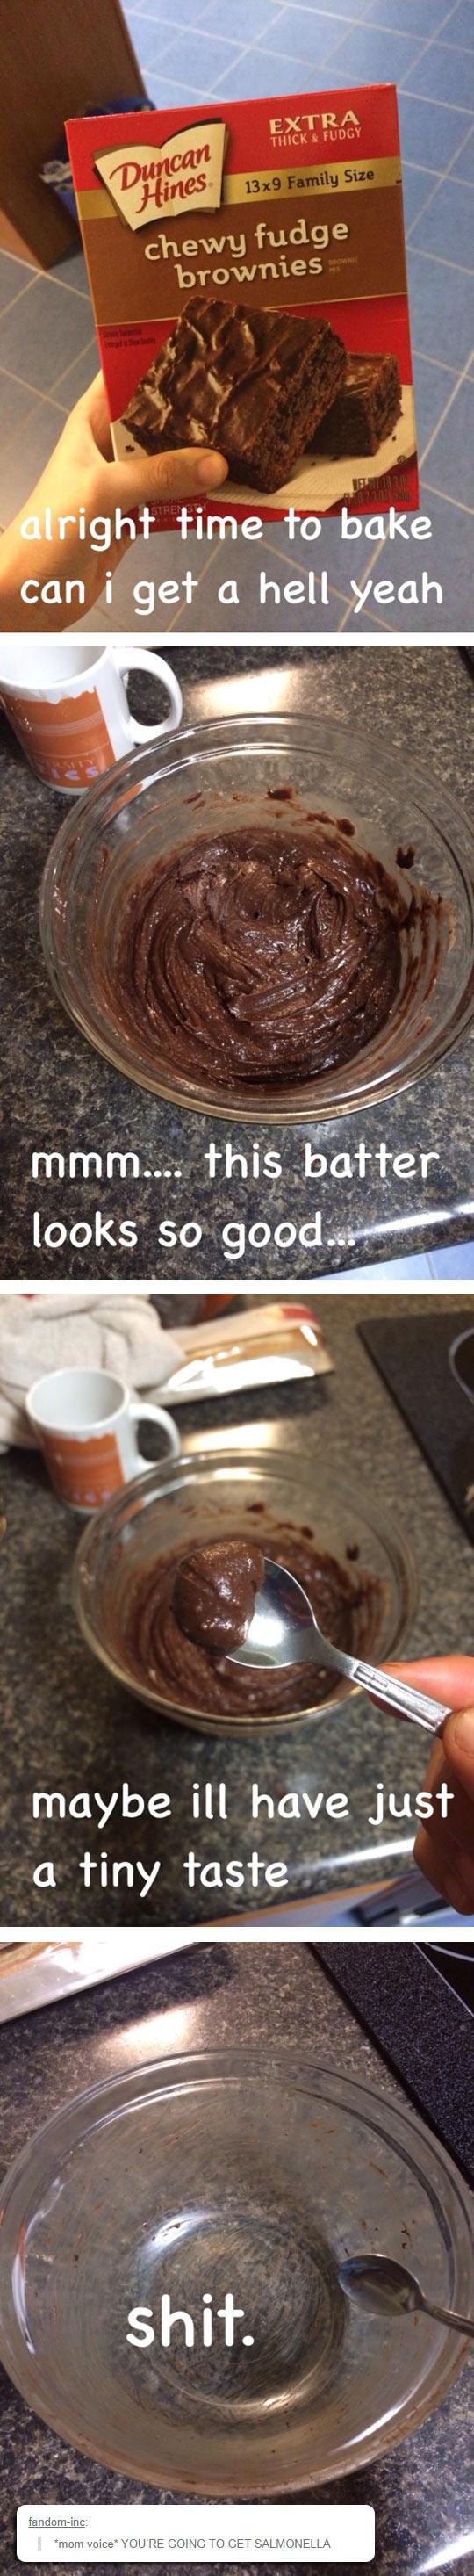 funny-cooking-brownies-bake-eat